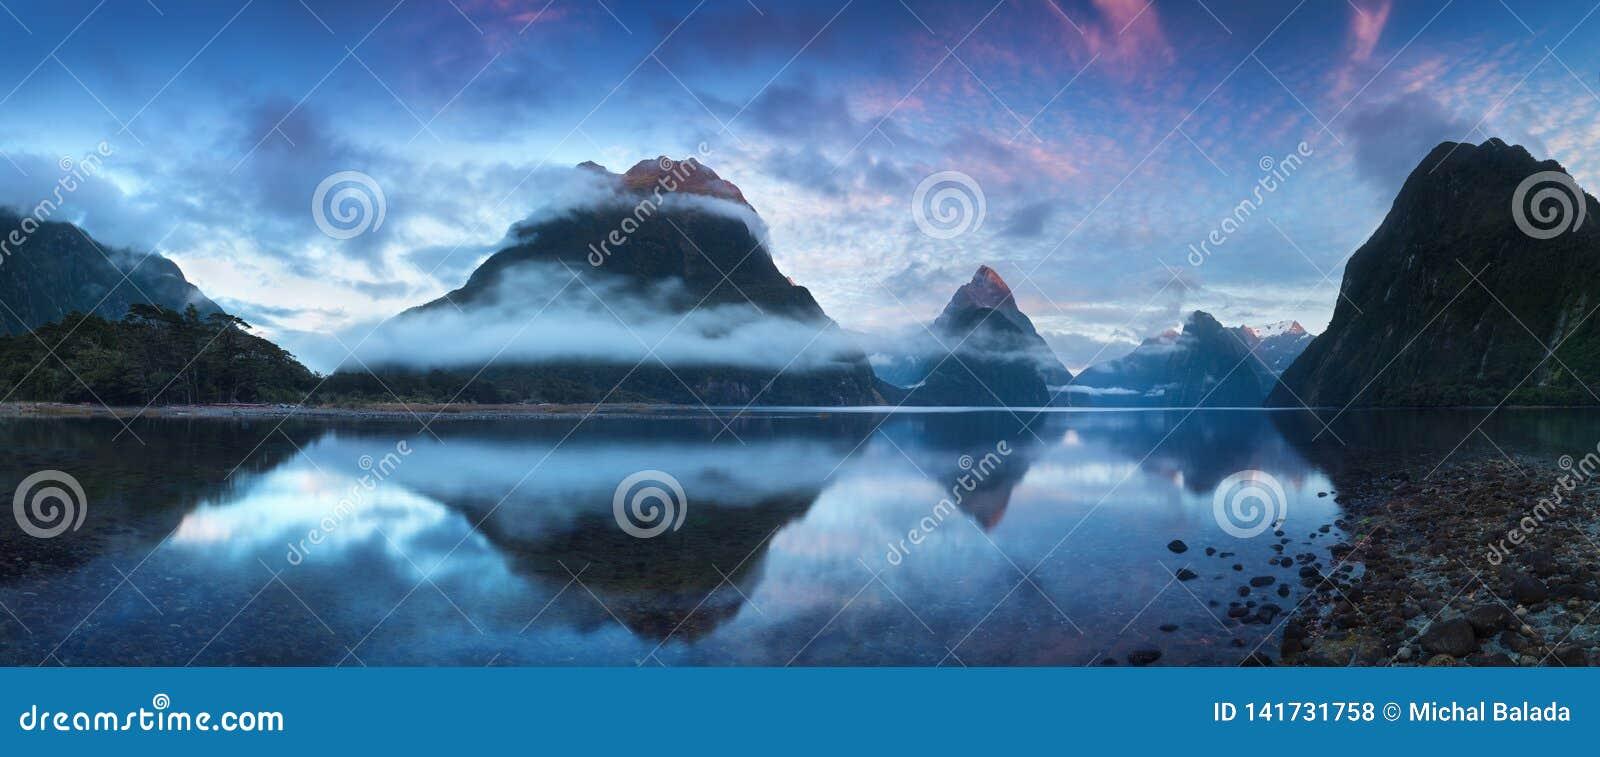 美好的日出在米尔福德峡湾,新西兰 - 主教峰顶是米尔福德峡湾偶象地标在峡湾国家公园